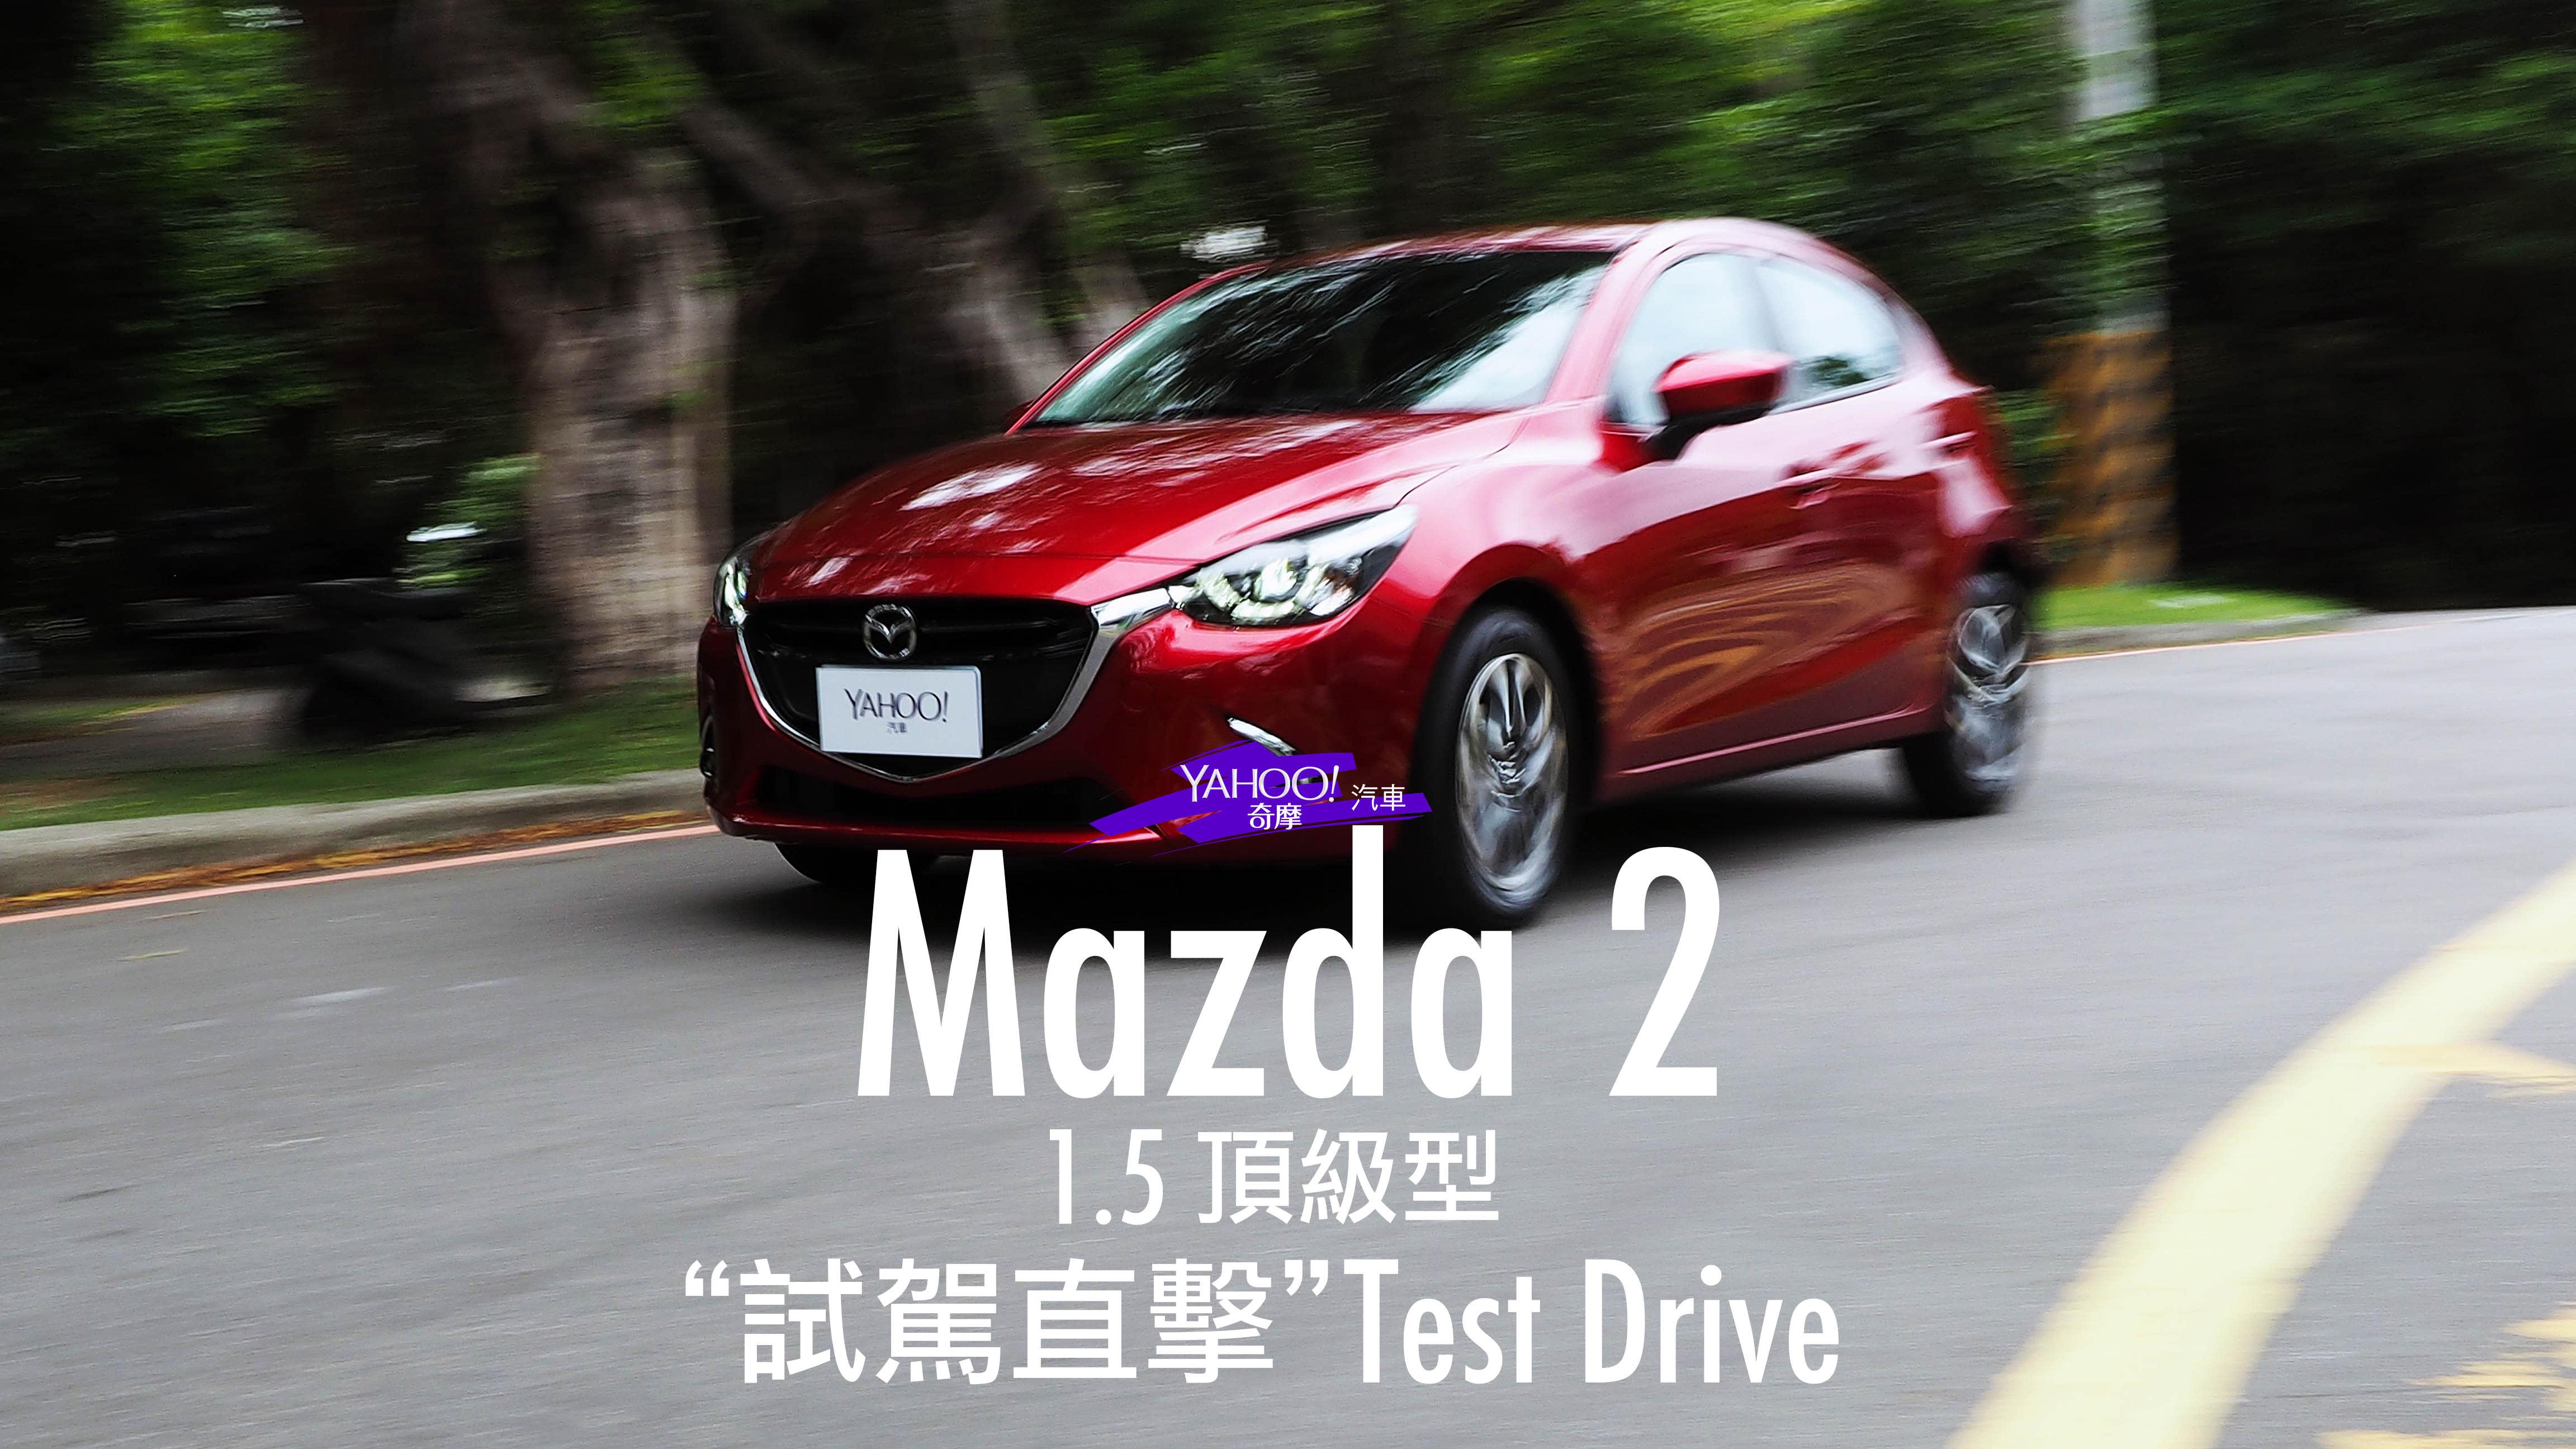 【試駕直擊】忽略?那就少認識一款微鋼砲潛力股!2018年式Mazda 2試駕